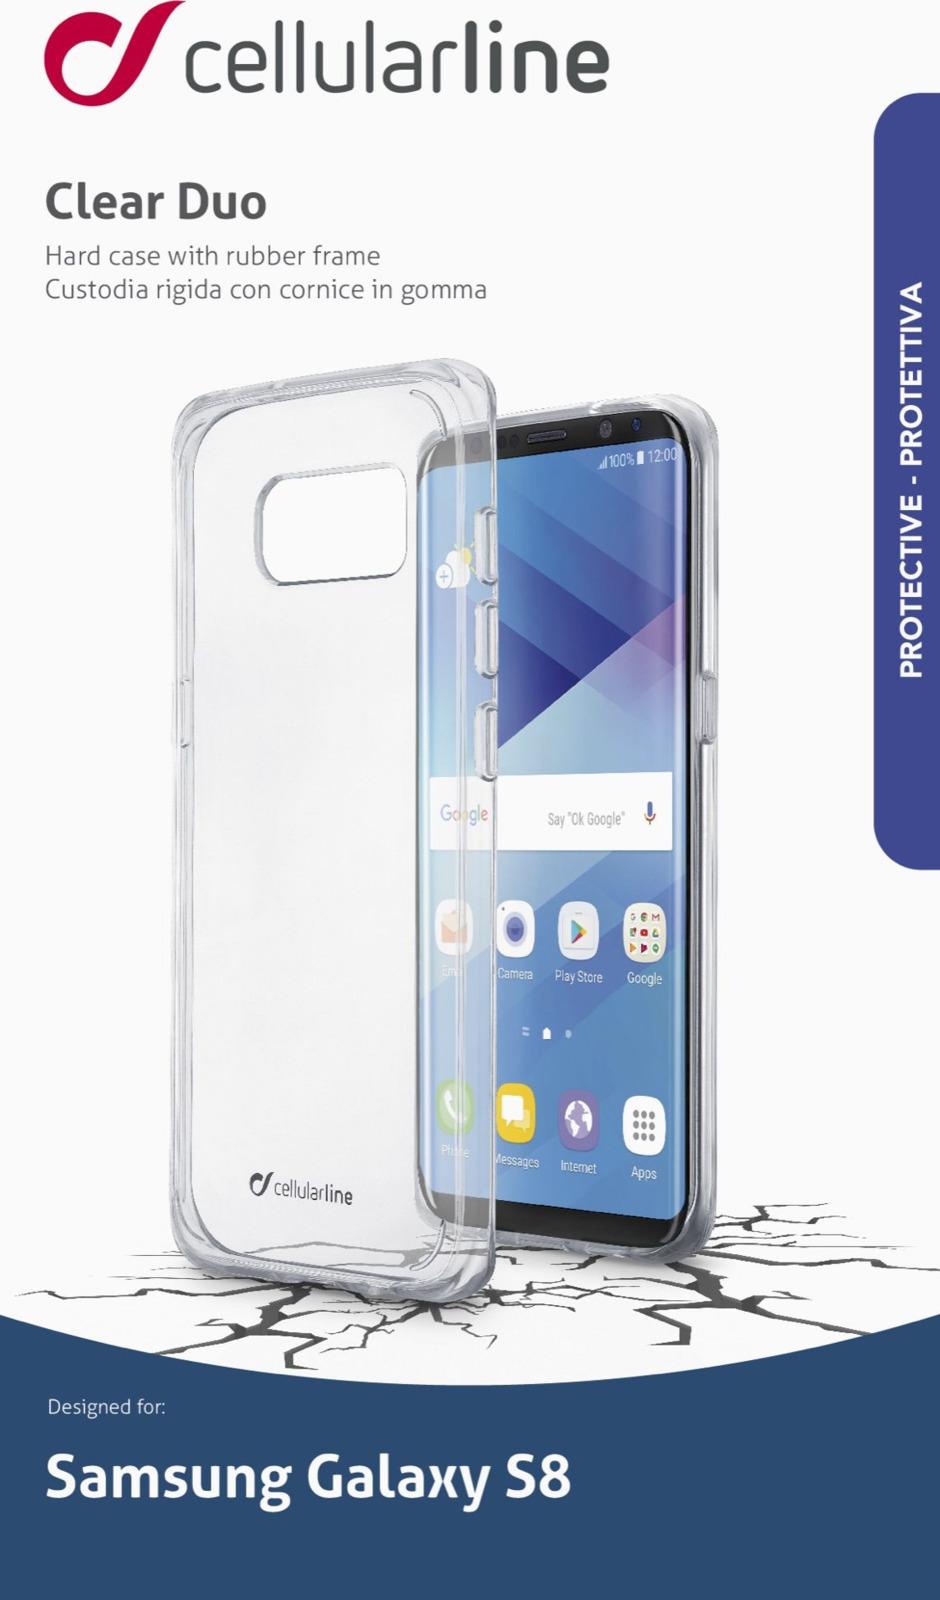 Чехол Cellularline для Samsung Galaxy S8, CLEARDUOGALS8T, прозрачный стоимость